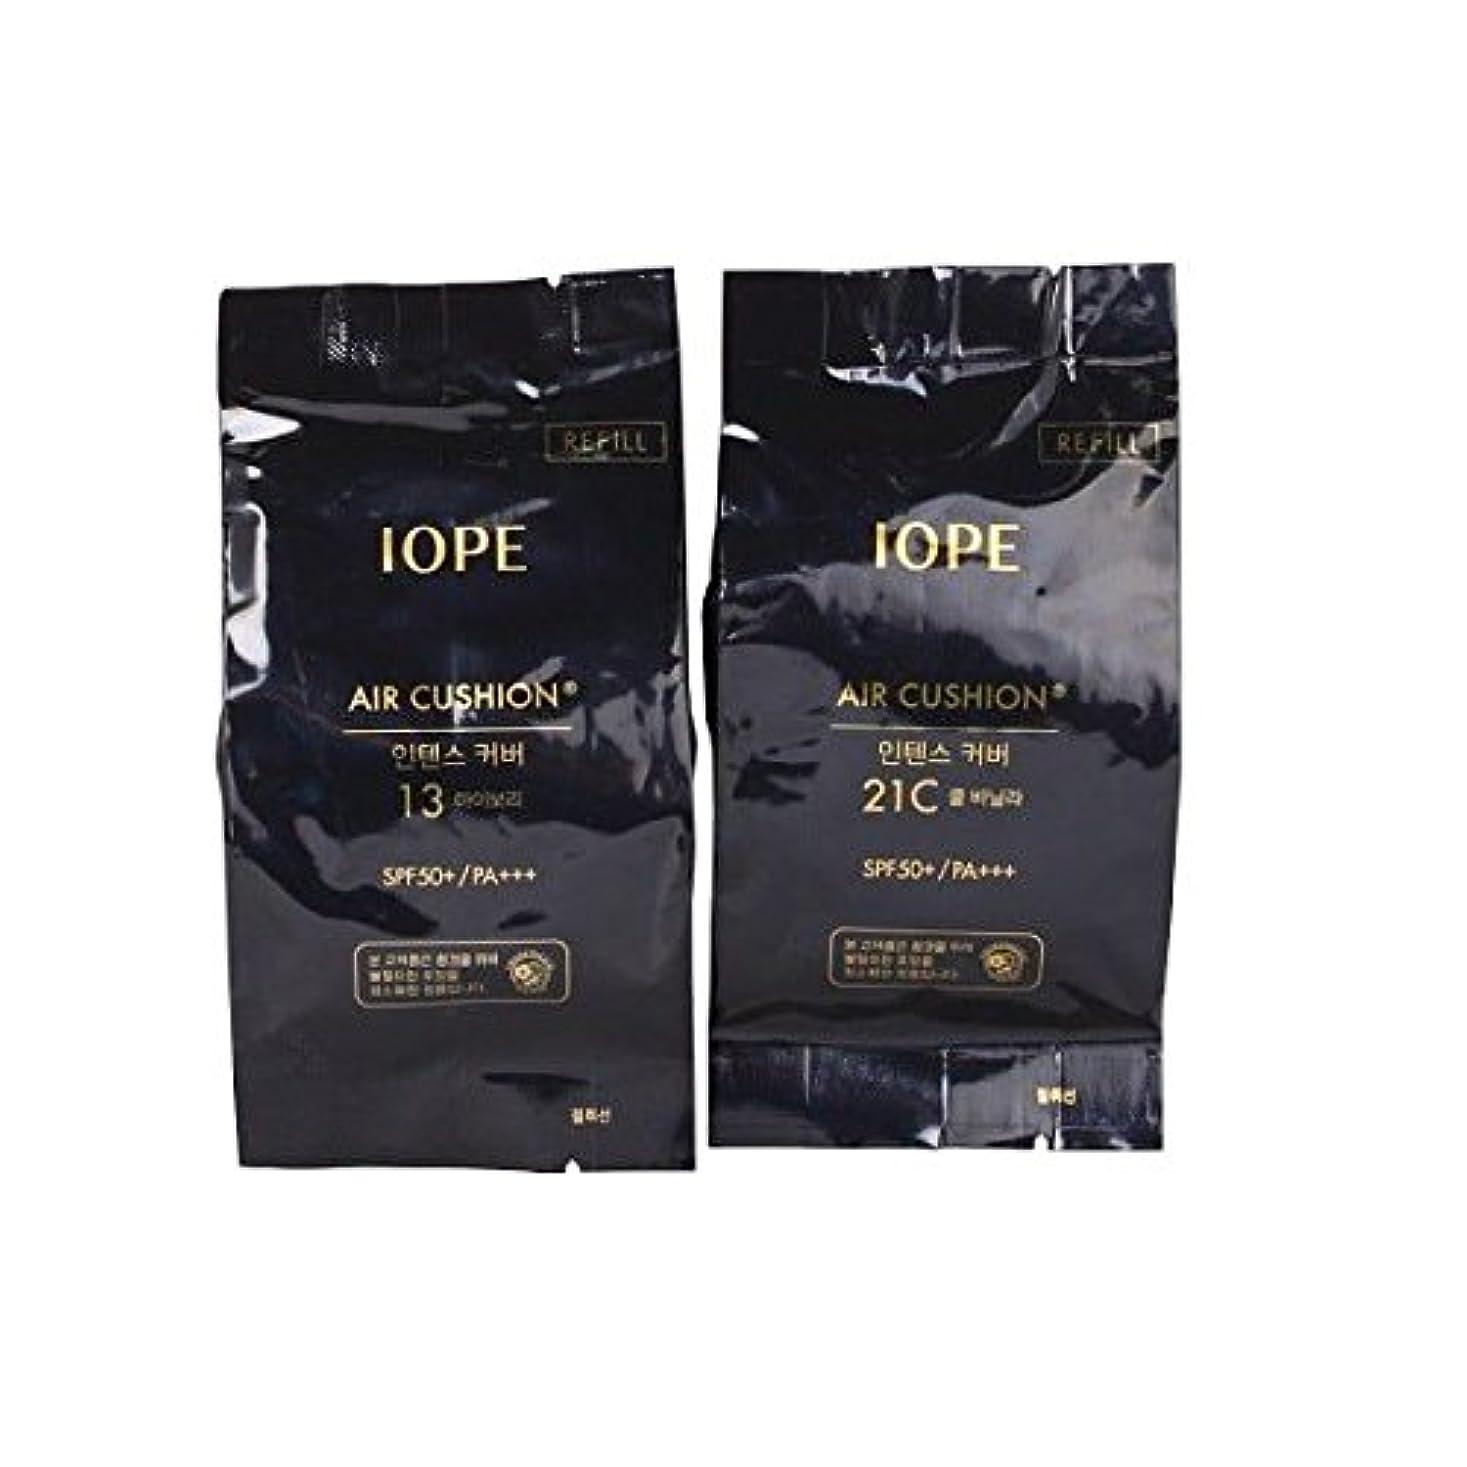 性別応援する珍味アイオペ エアクッション インテンス カバー N21 SPF50/PA+++ 詰め替え用